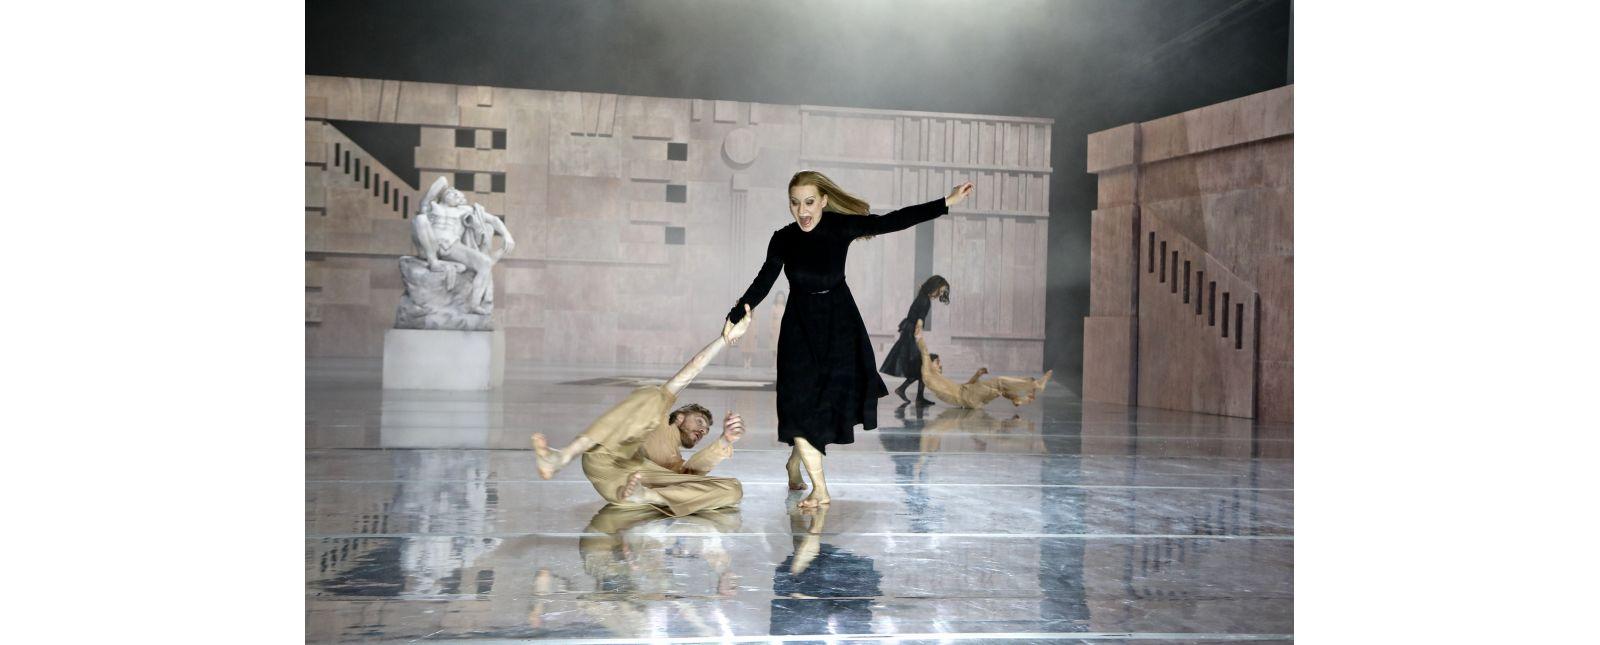 Der Widerspenstigen Zähmung // Thieß Brammer / Alona Szostak / Anja Schweitzer / Lukas Hupfeld // 2020 // Birgit Hupfeld